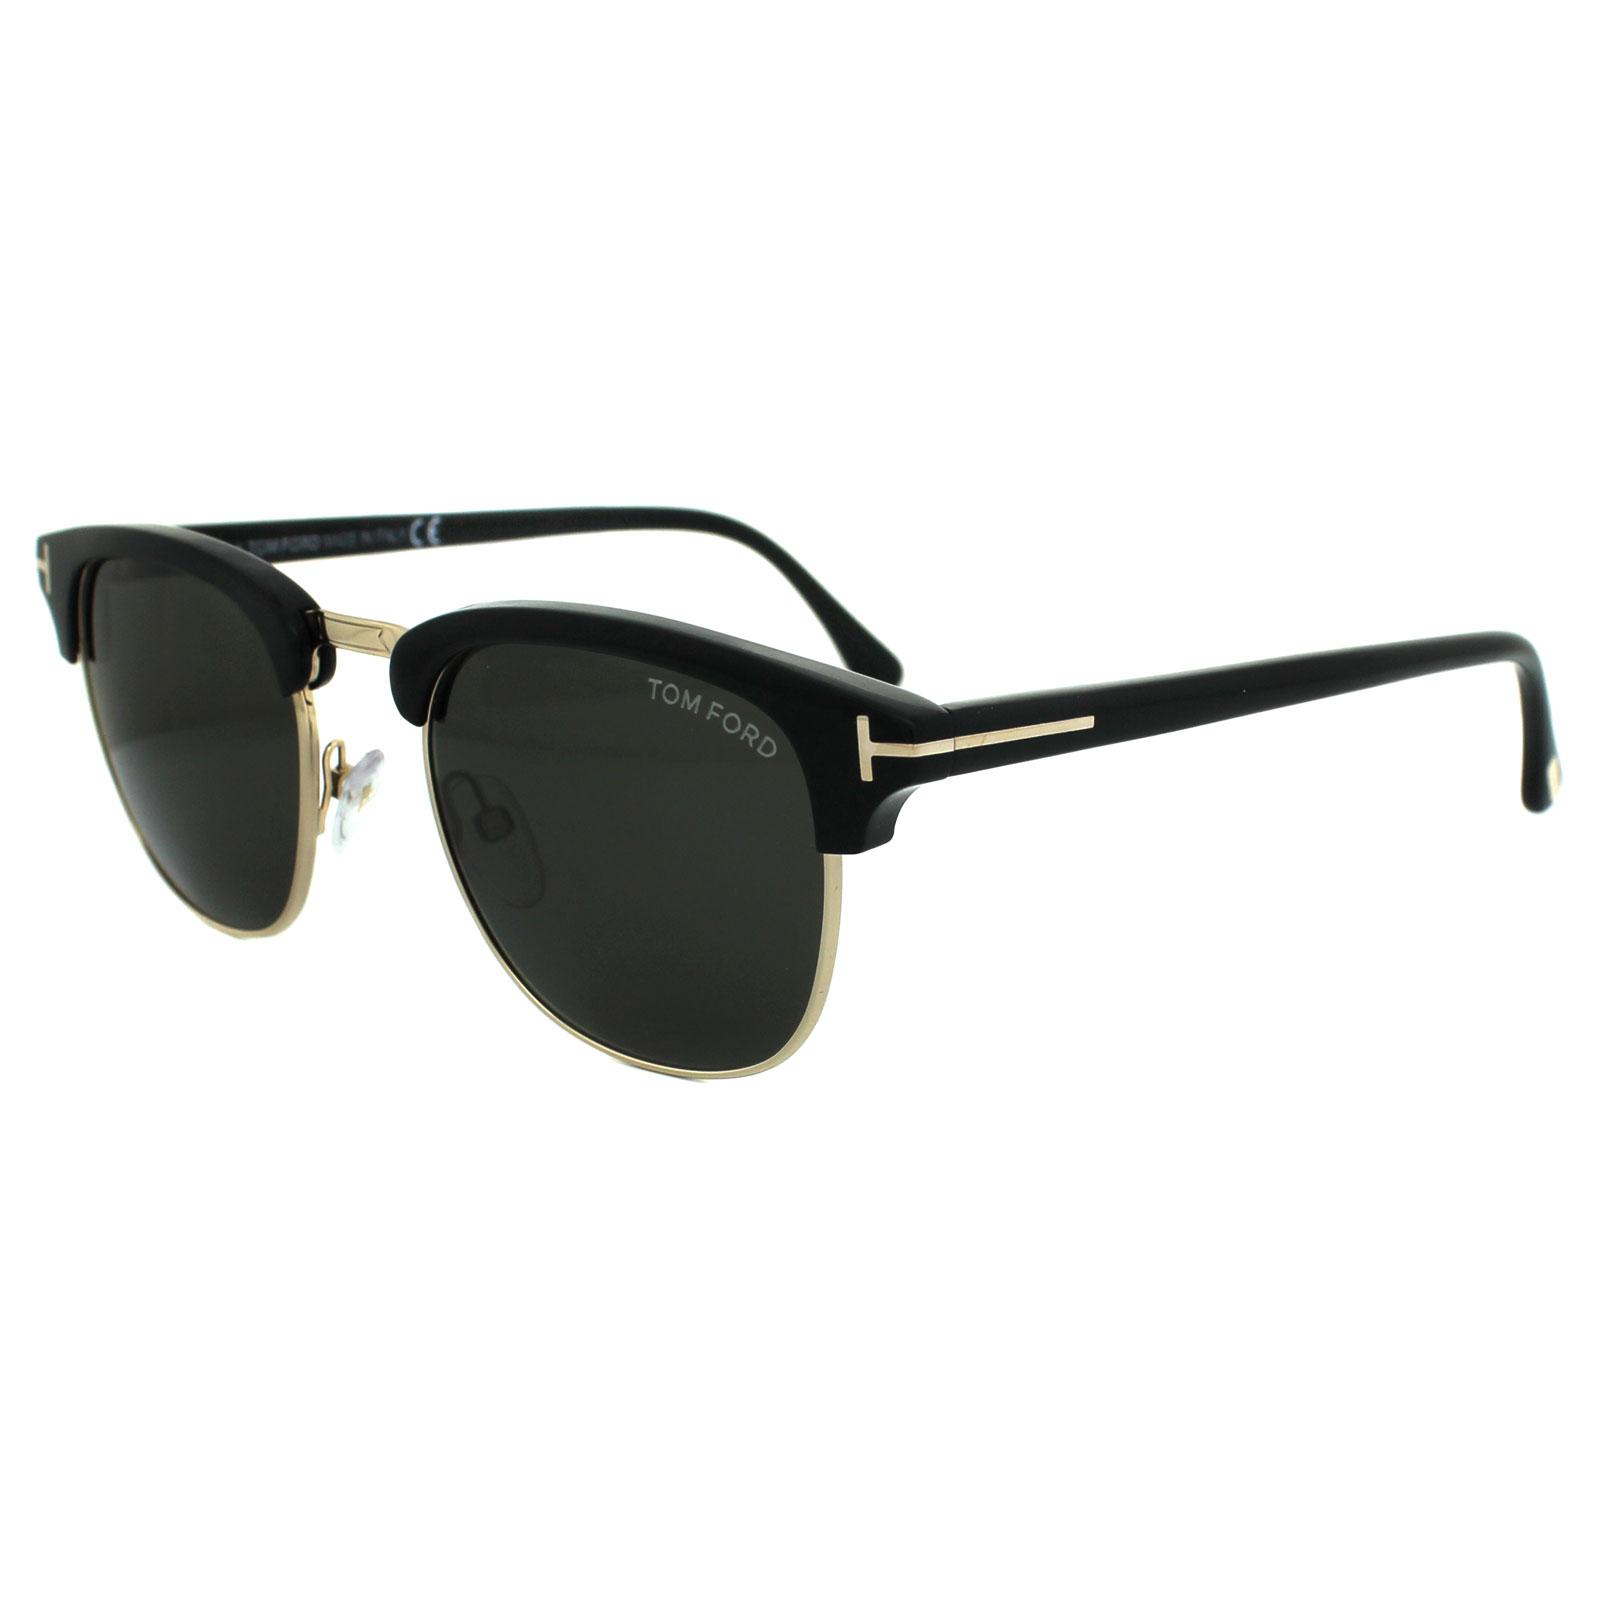 tom ford sunglasses 0248 henry 05n black gold green. Black Bedroom Furniture Sets. Home Design Ideas